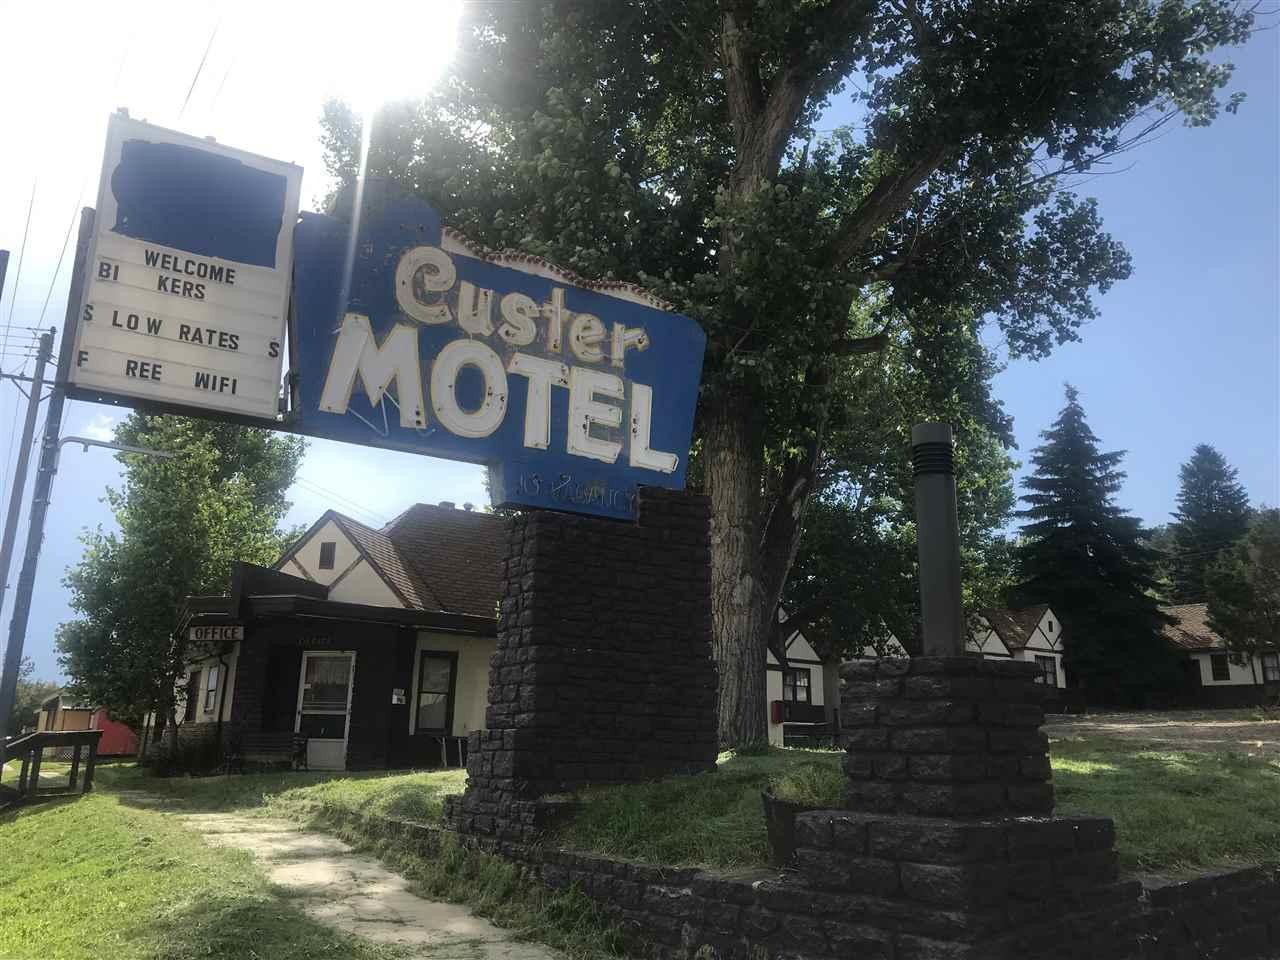 109 Mt. Rushmore Road Road - Photo 1